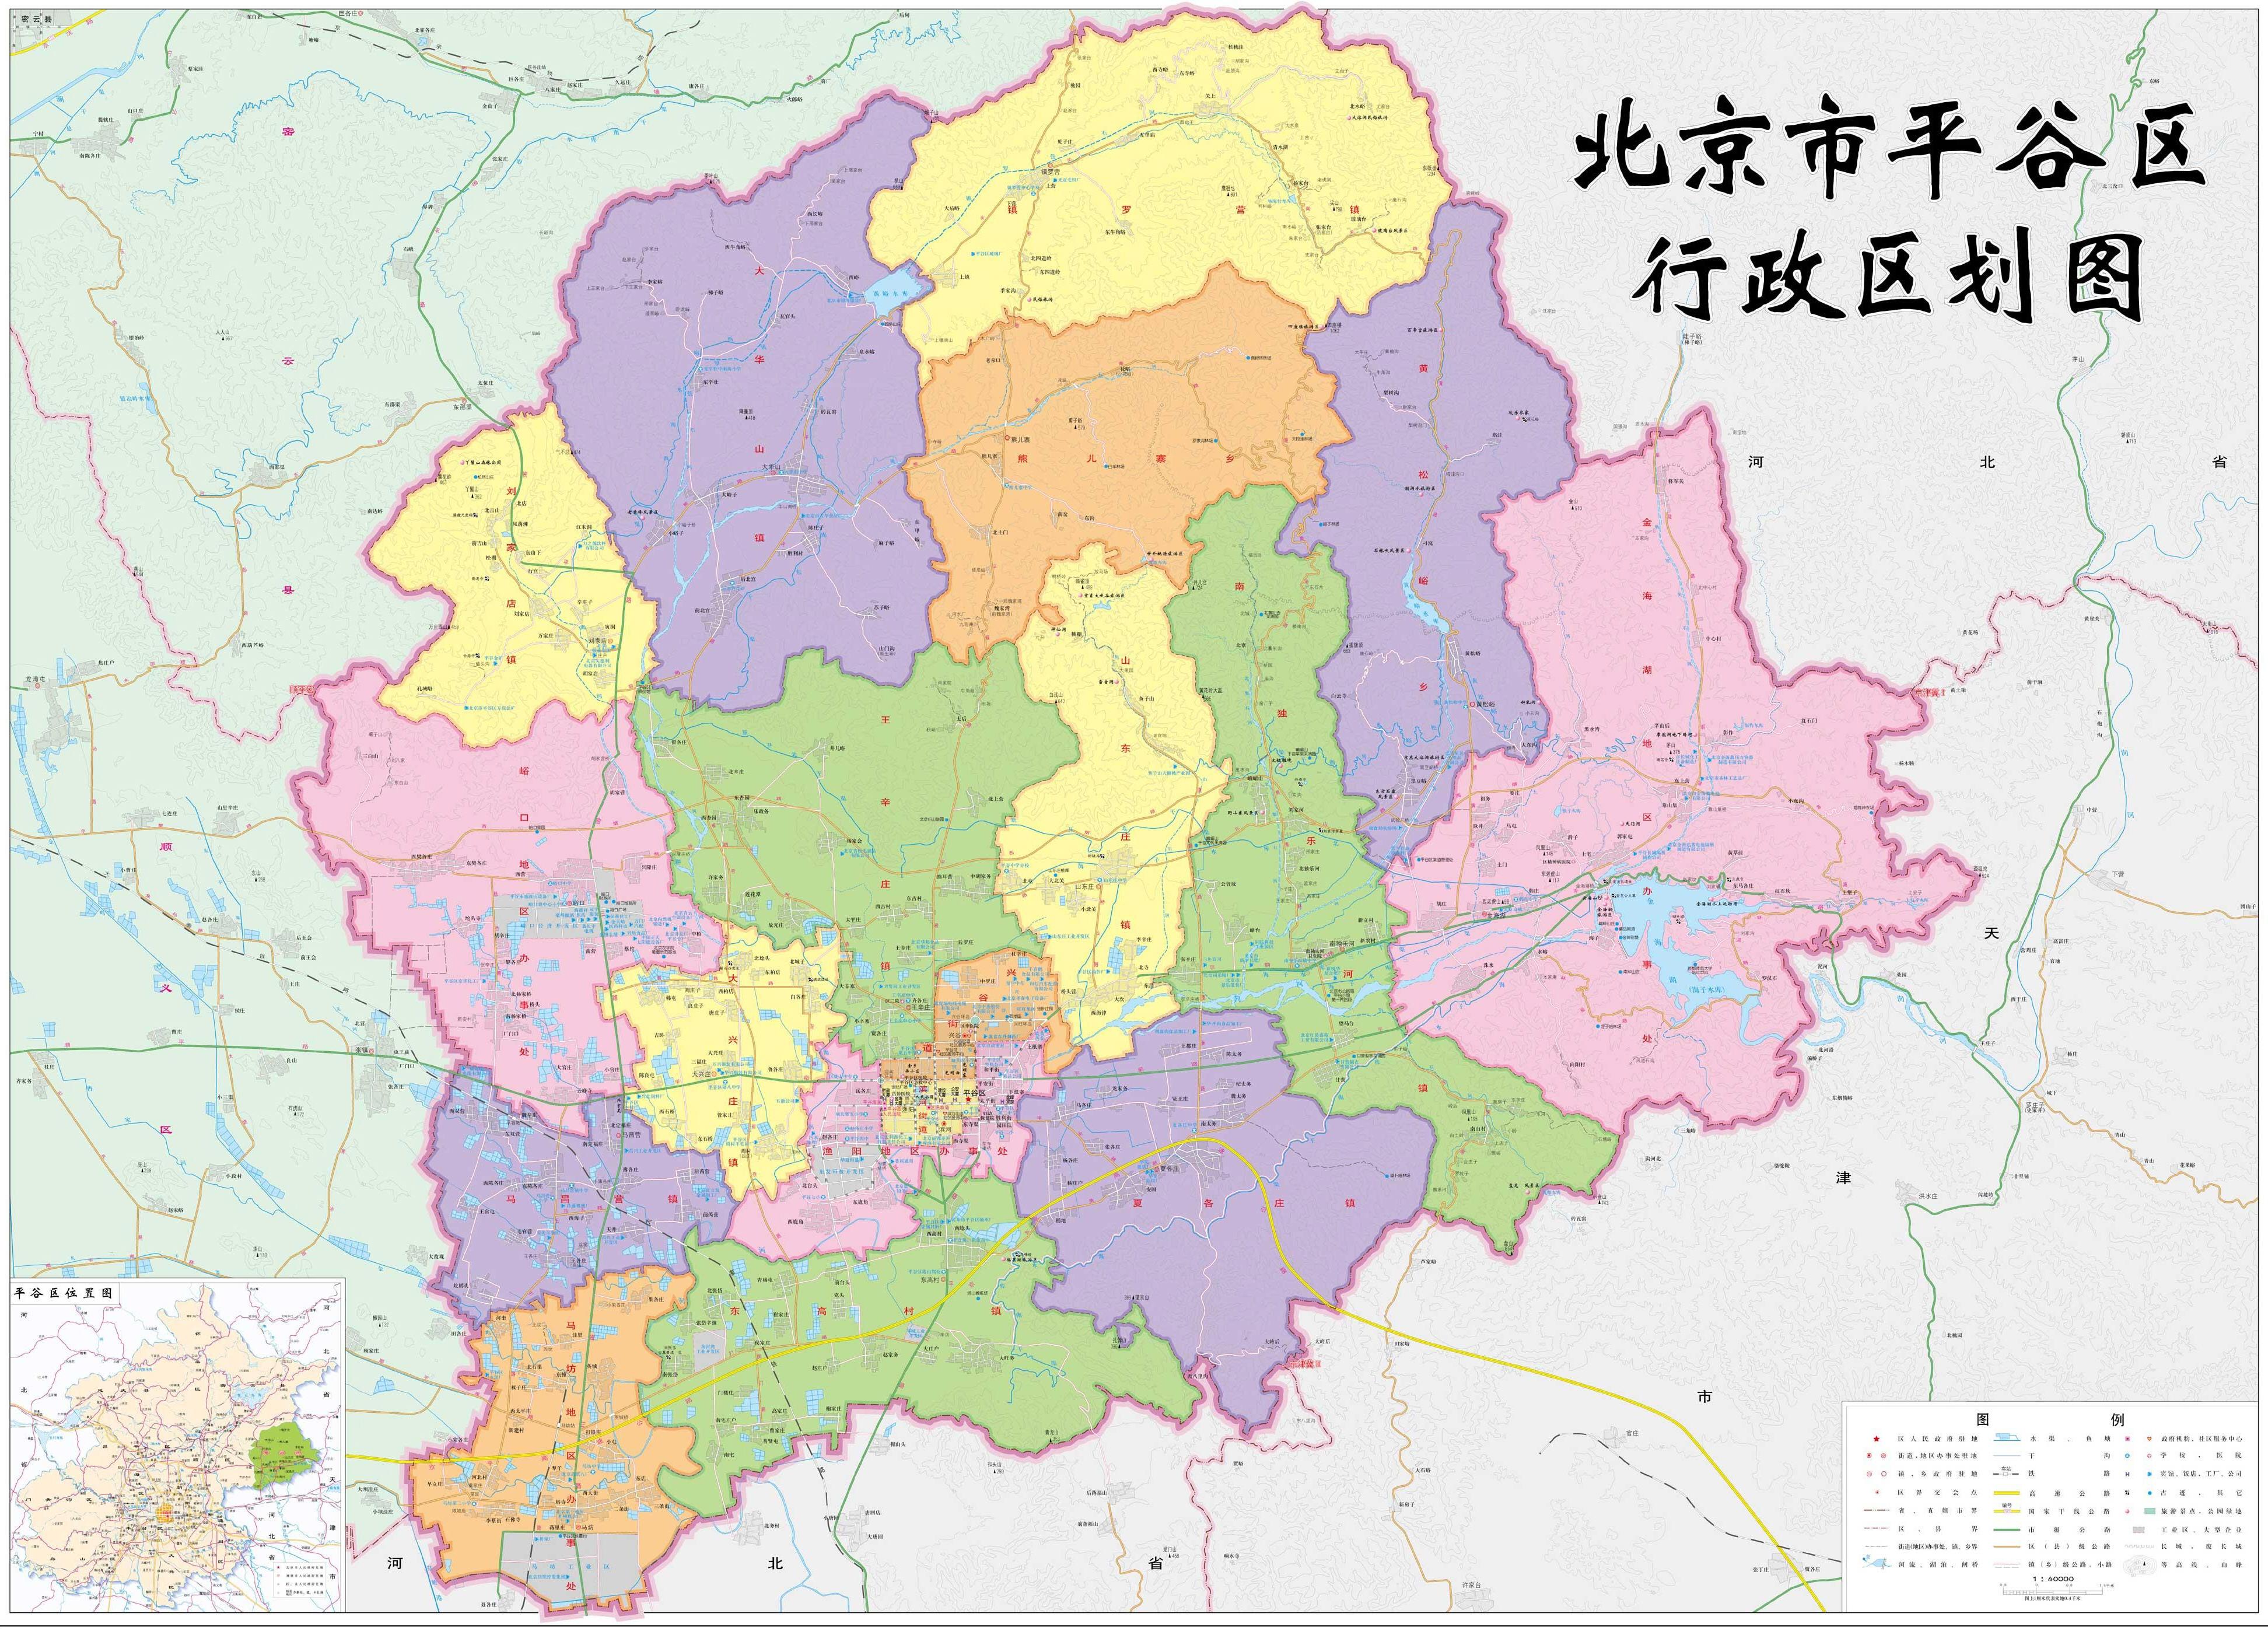 北京市密云新城地图高清版